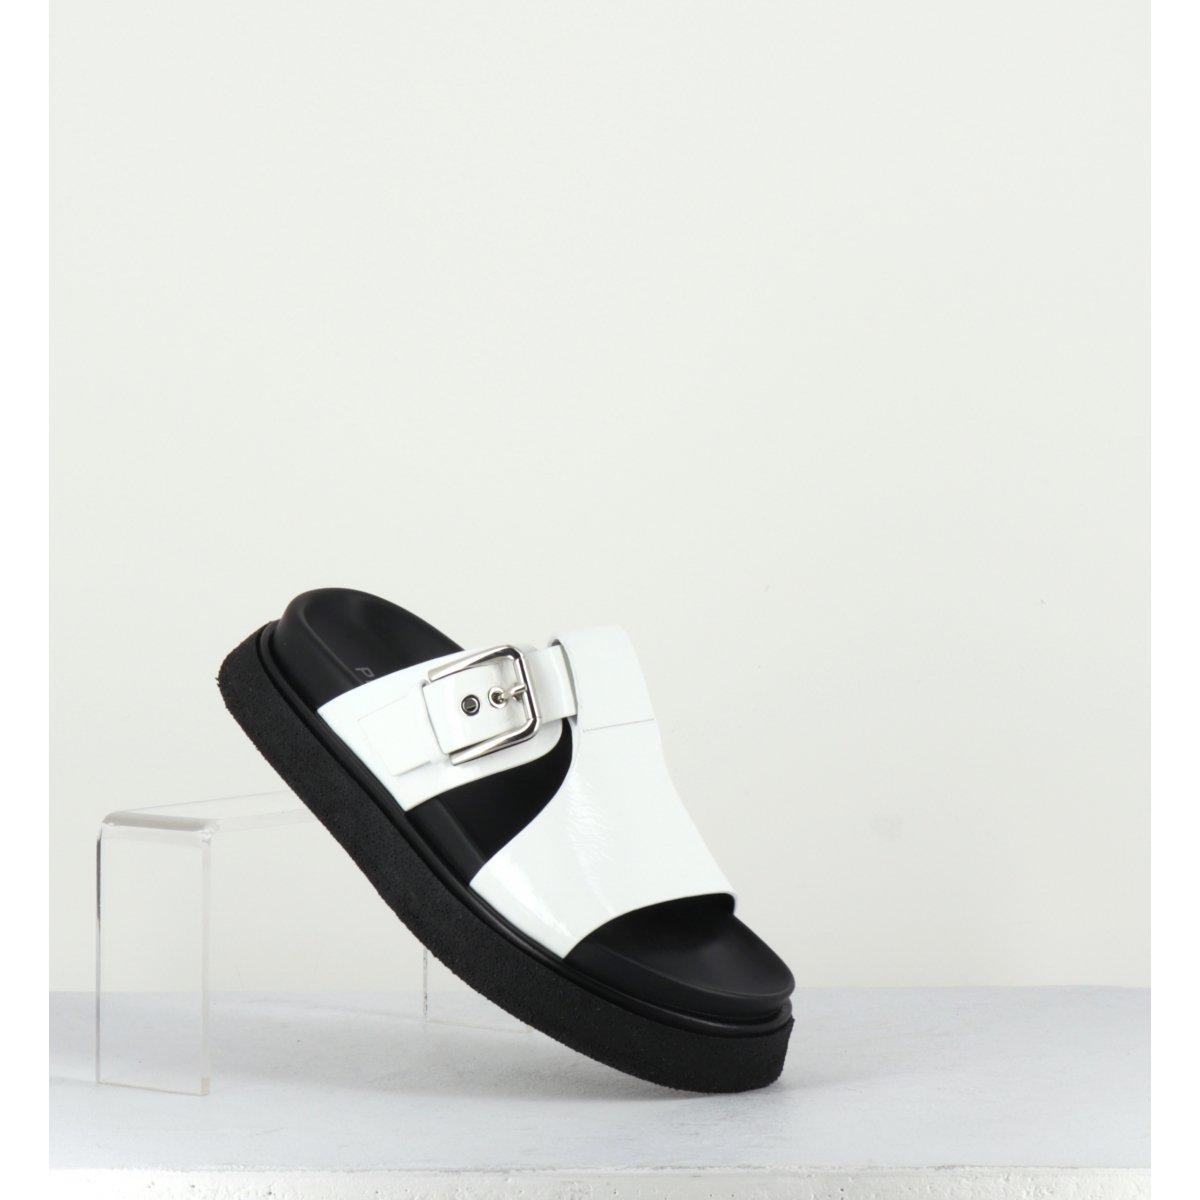 Sandales à semelles épaisses en cuir verni blanc Premiata - M5284B